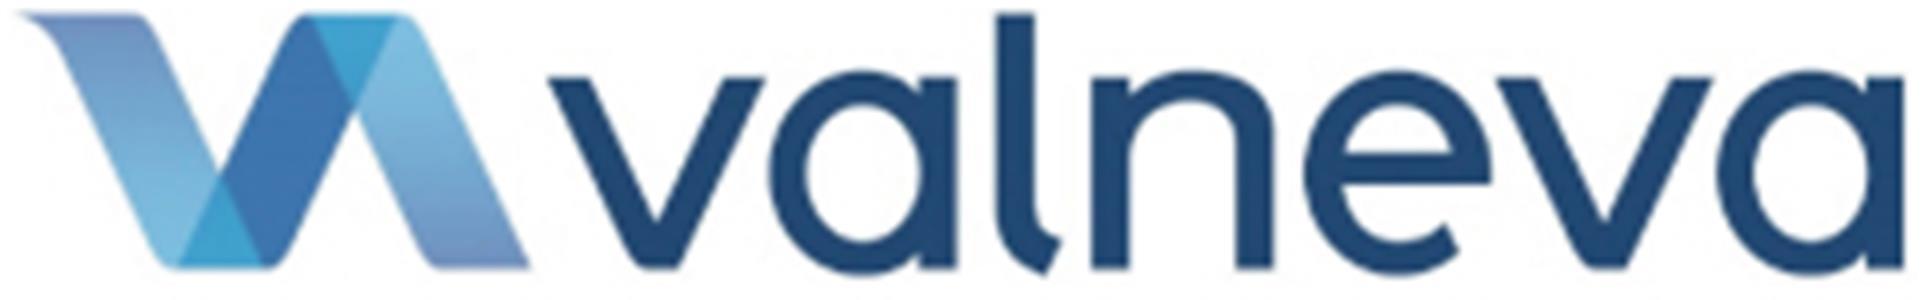 VALN logo